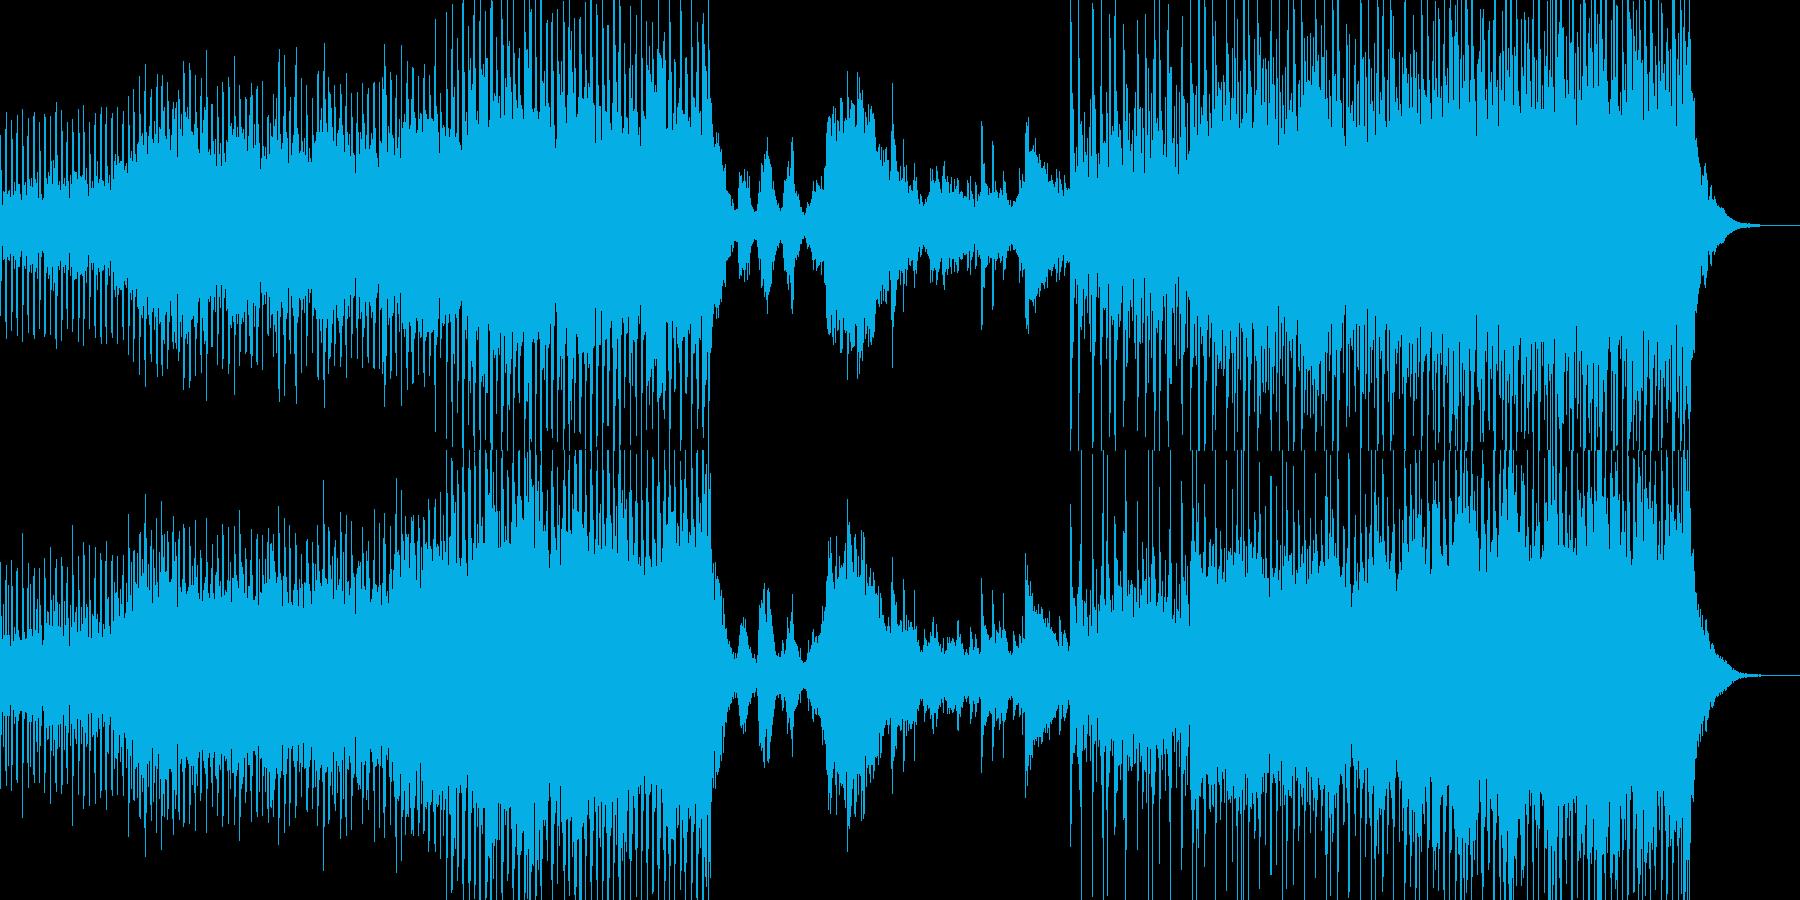 和風ダンス風インストの再生済みの波形